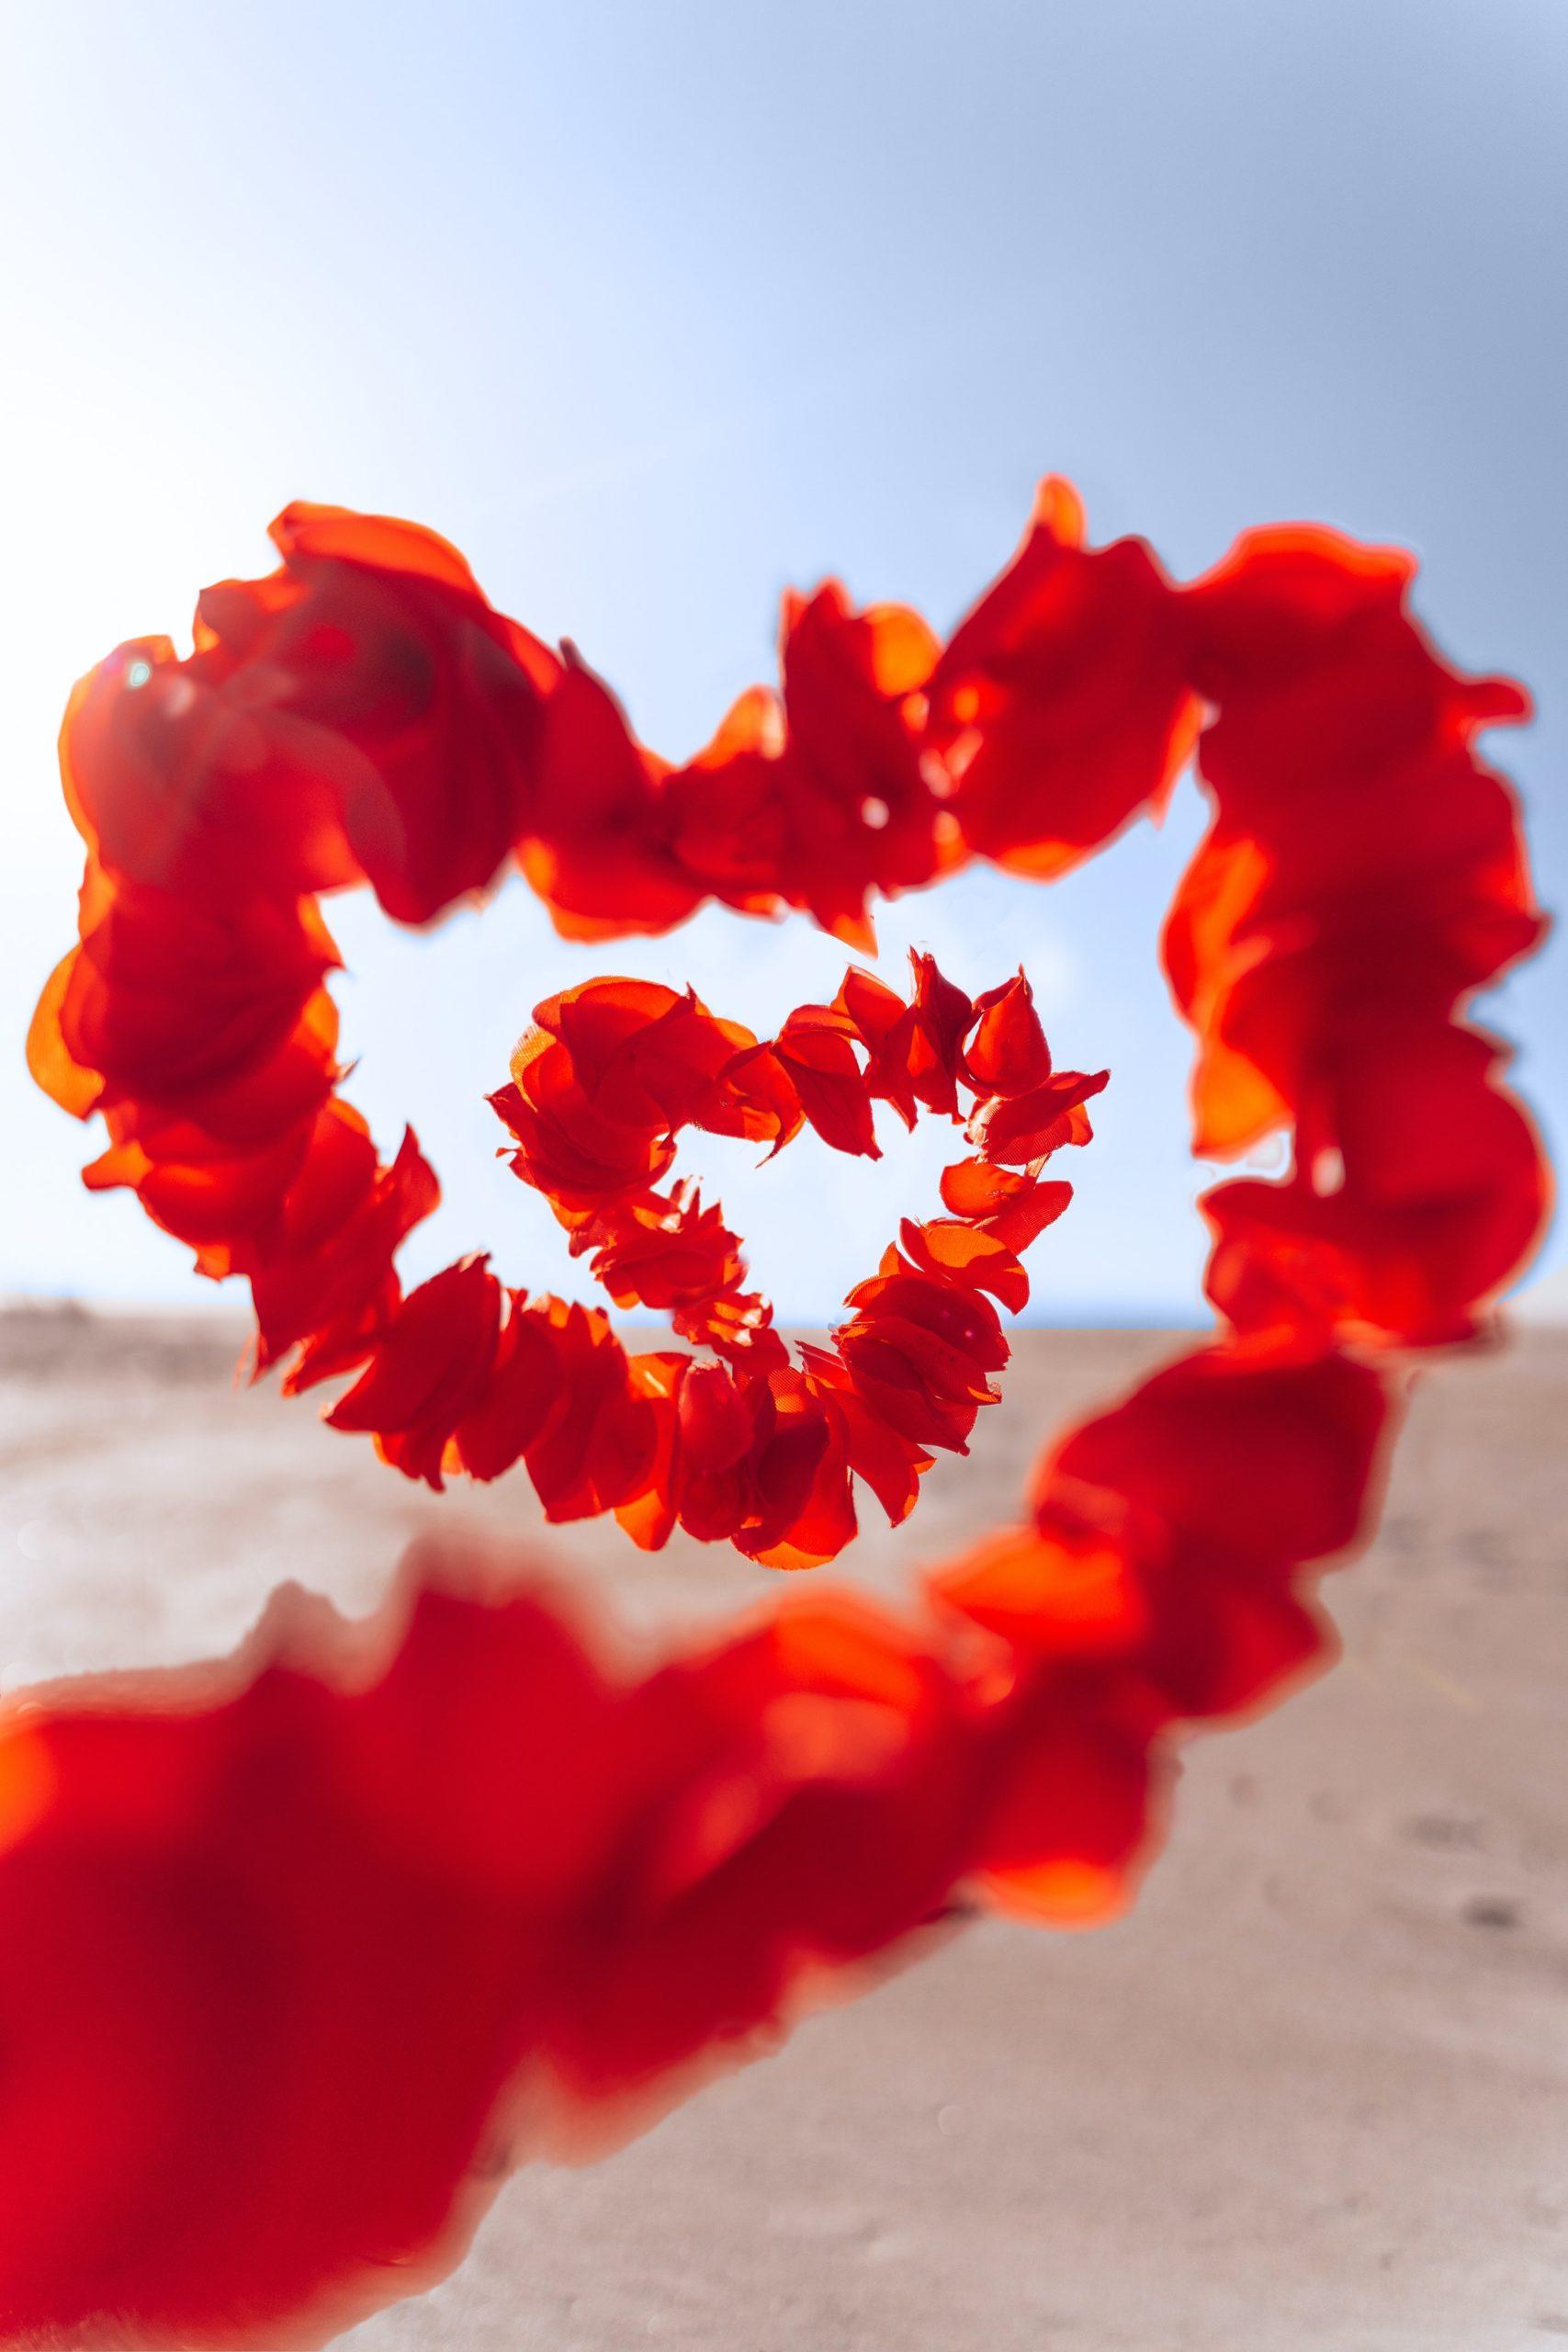 Amor, confianza, felicidad, libertad, armonia, estabilidad, bienestar, emociones, emociones positivas, confianza, seguridad, conexion